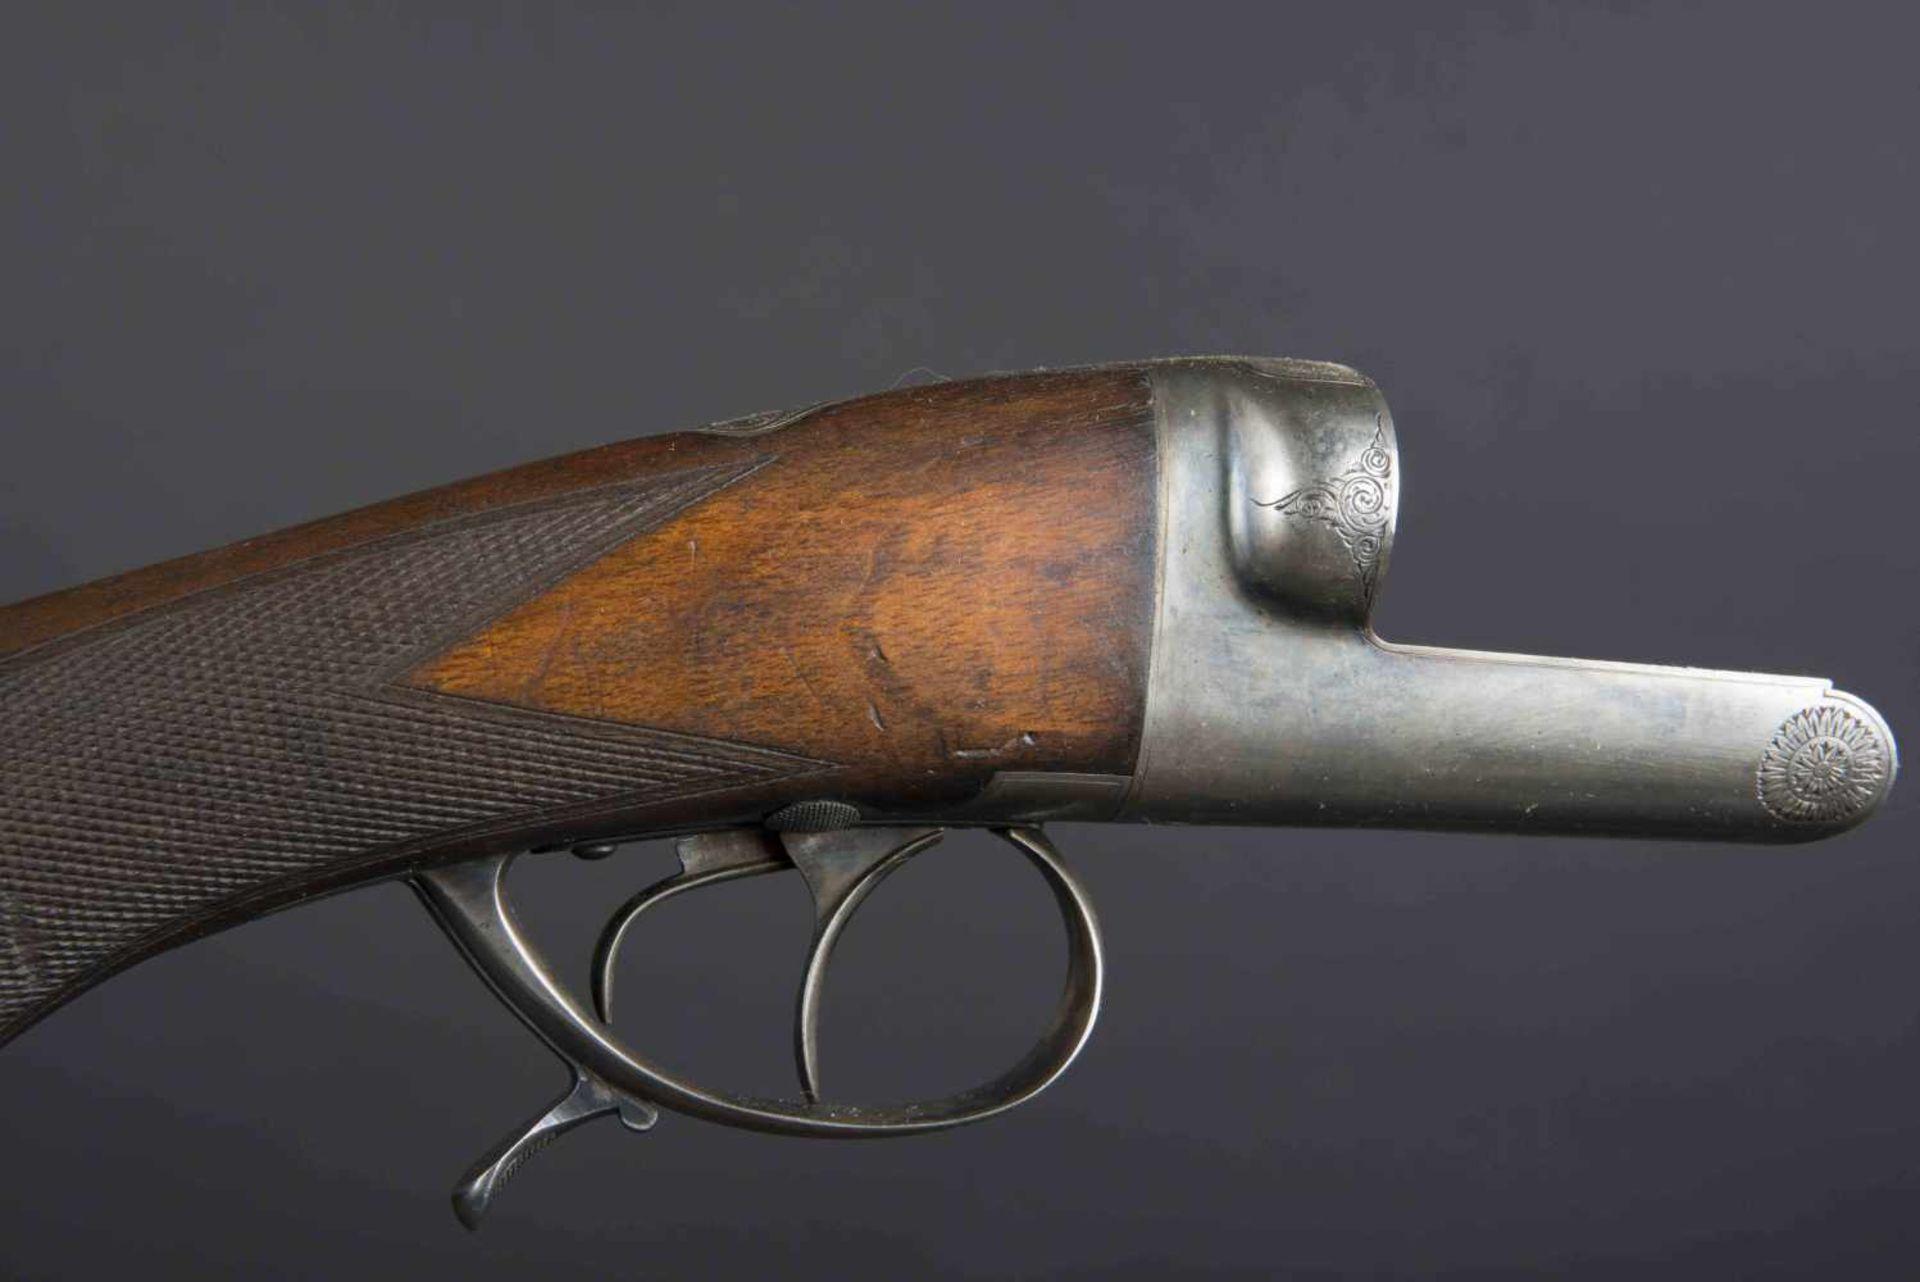 Fusil Robust Ideal Catégorie C Numéro 268. Etiquette présente dans la housse en cuir. Calibre 12. - Bild 2 aus 4